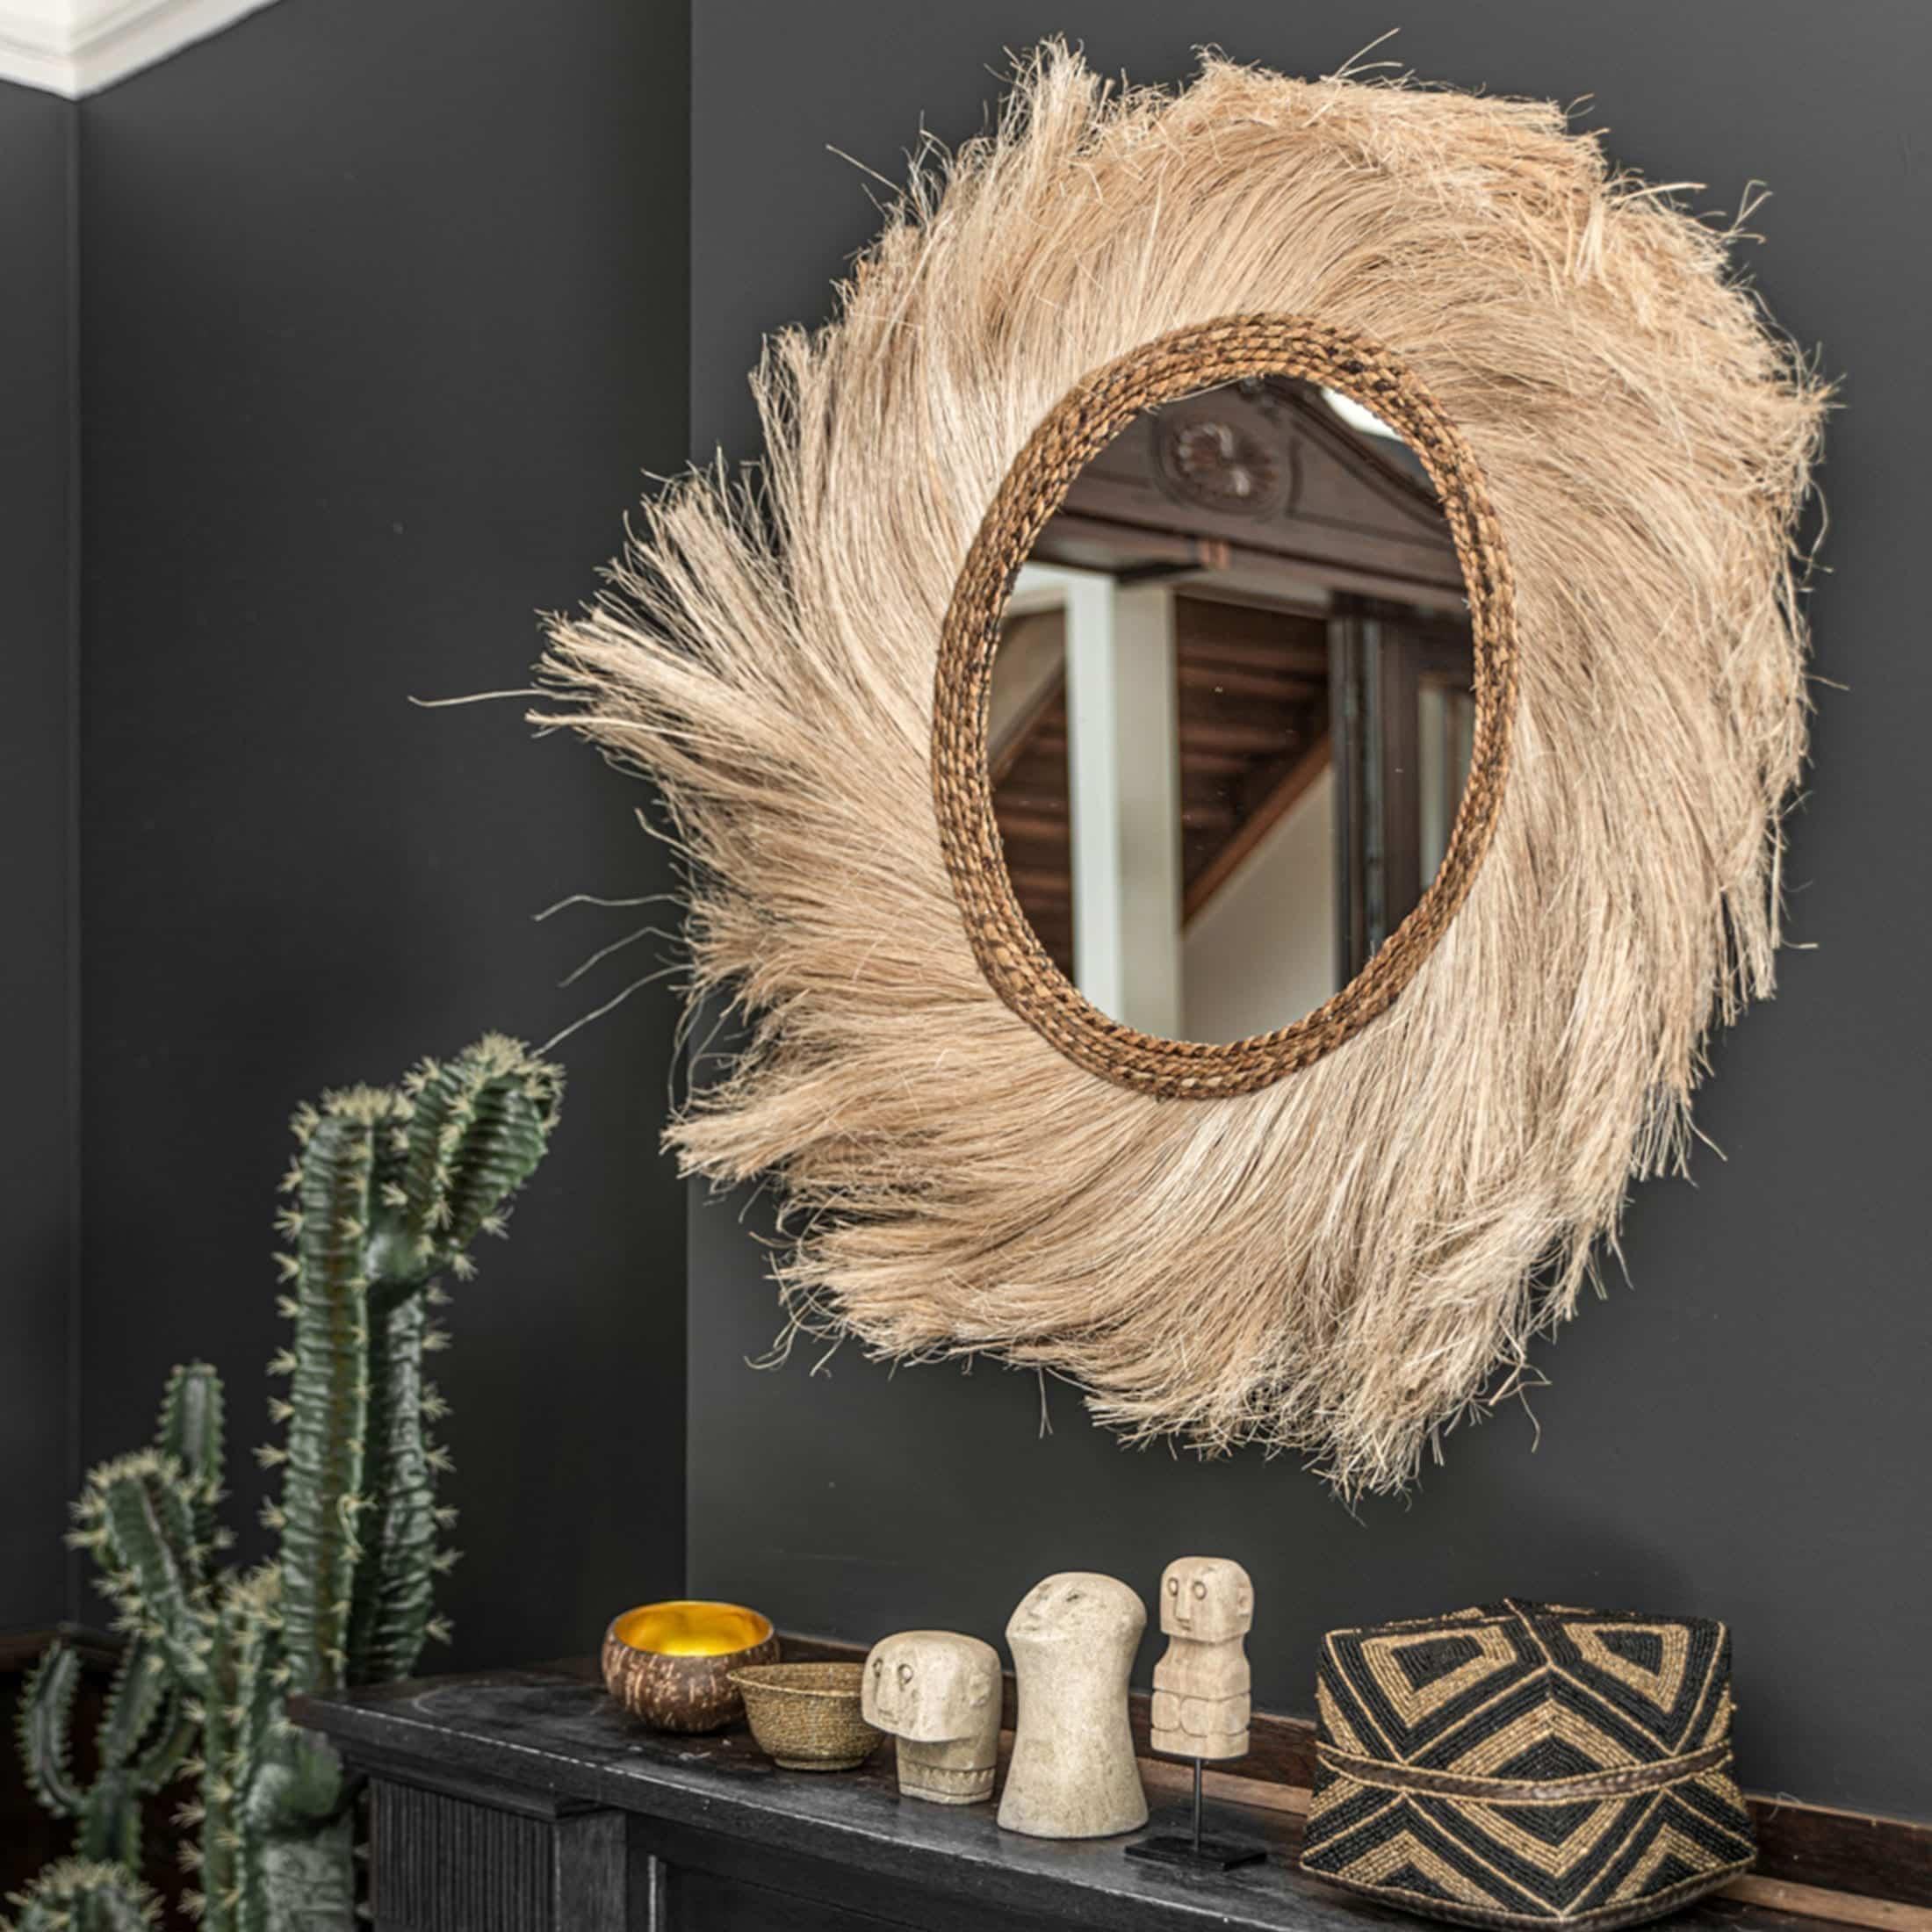 Bohemian Spiegel aus Naturmaterial mit 90cm Durchmesser von der Marke Bazar Bizar. Runder Wandspiegel im Boho / Ibiza Look jetzt entdecken